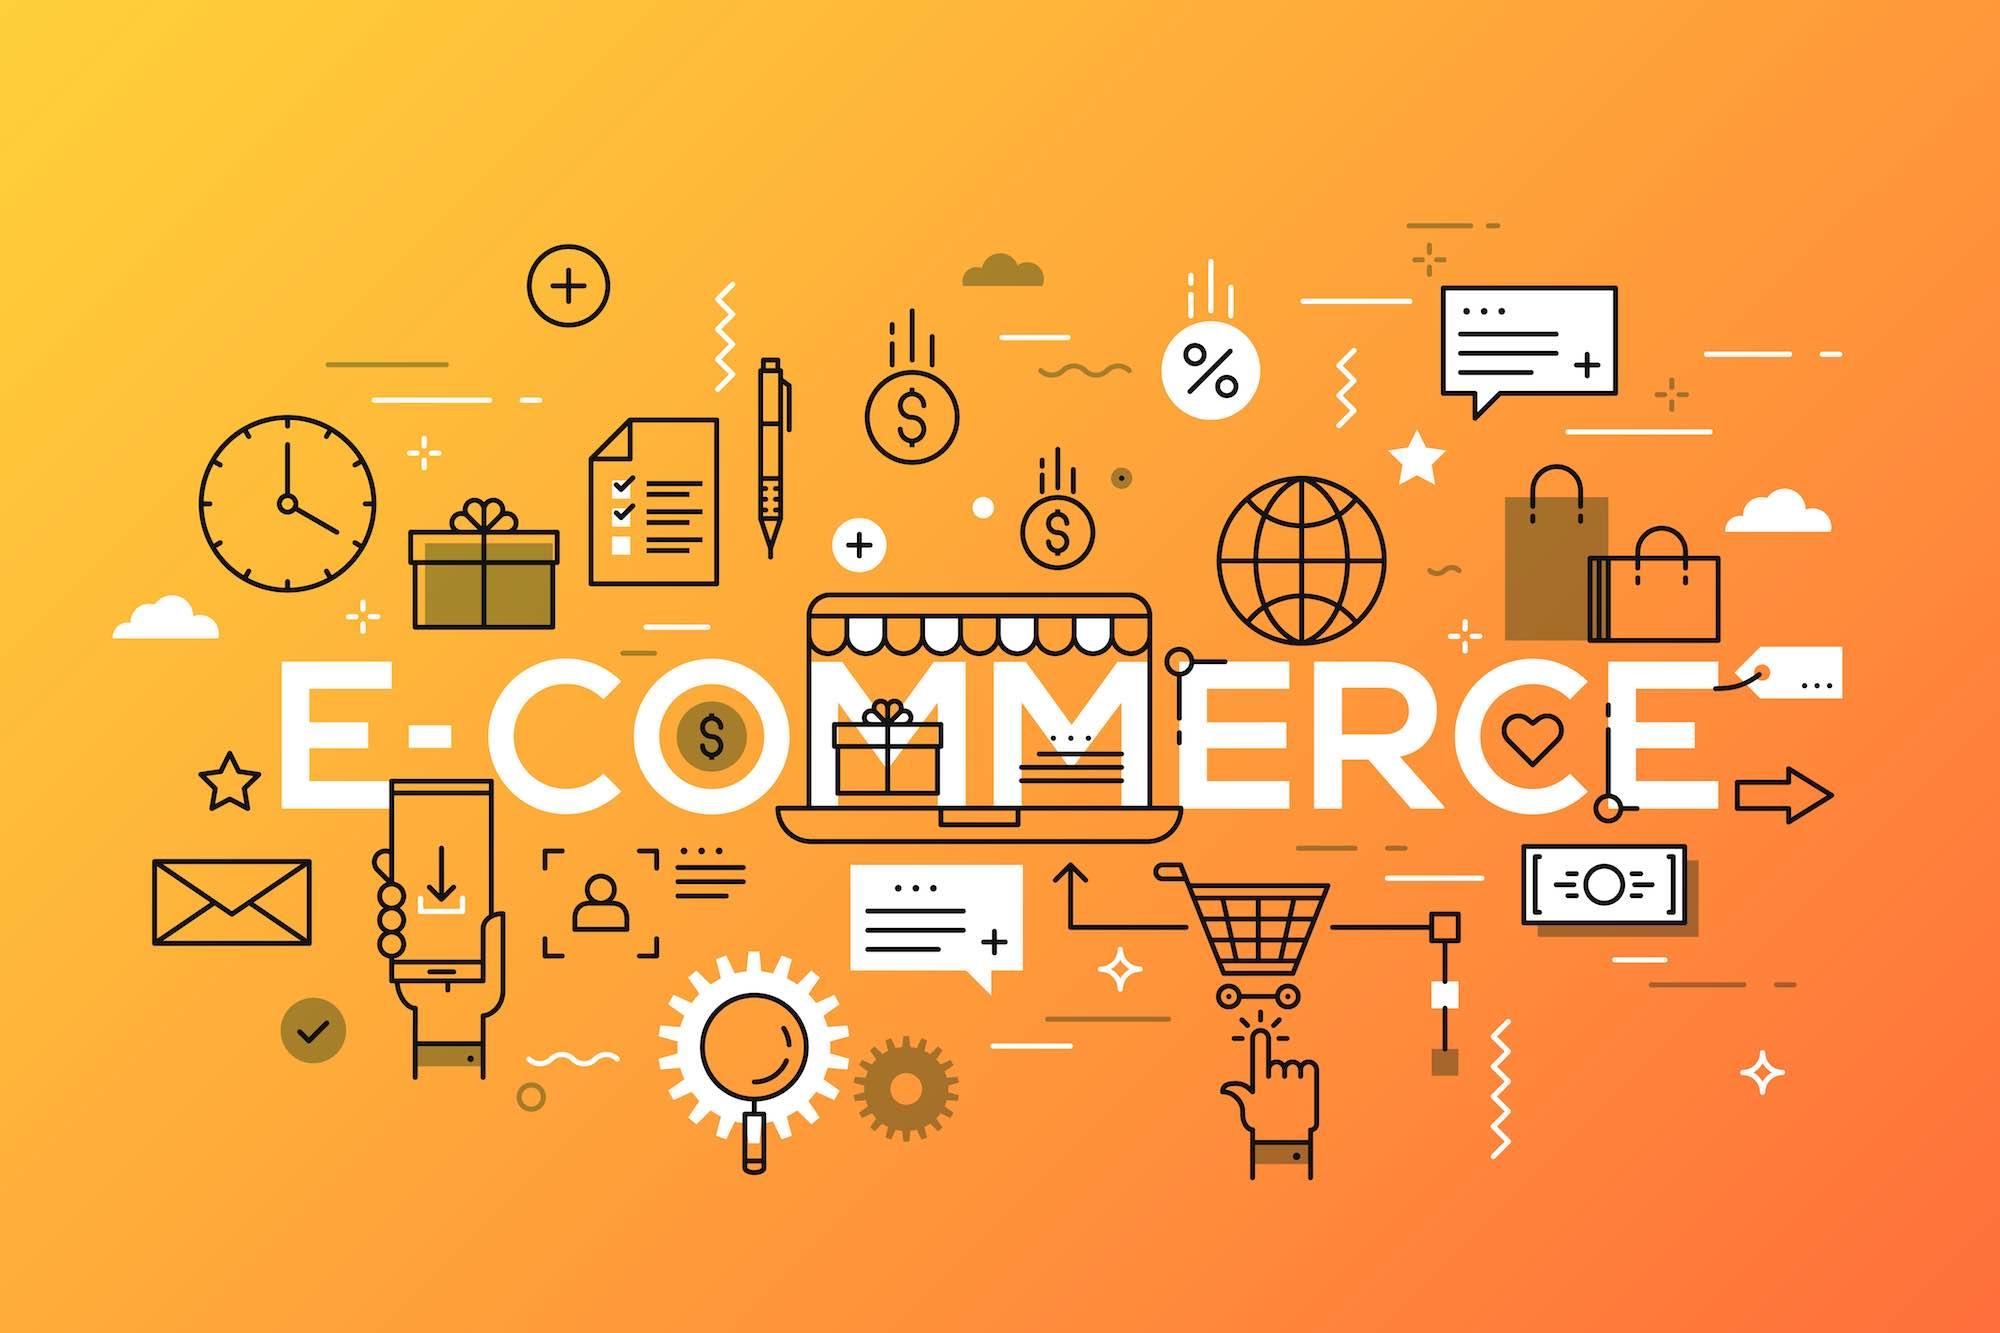 La spesa online è diventato il nuovo modo di fare shopping